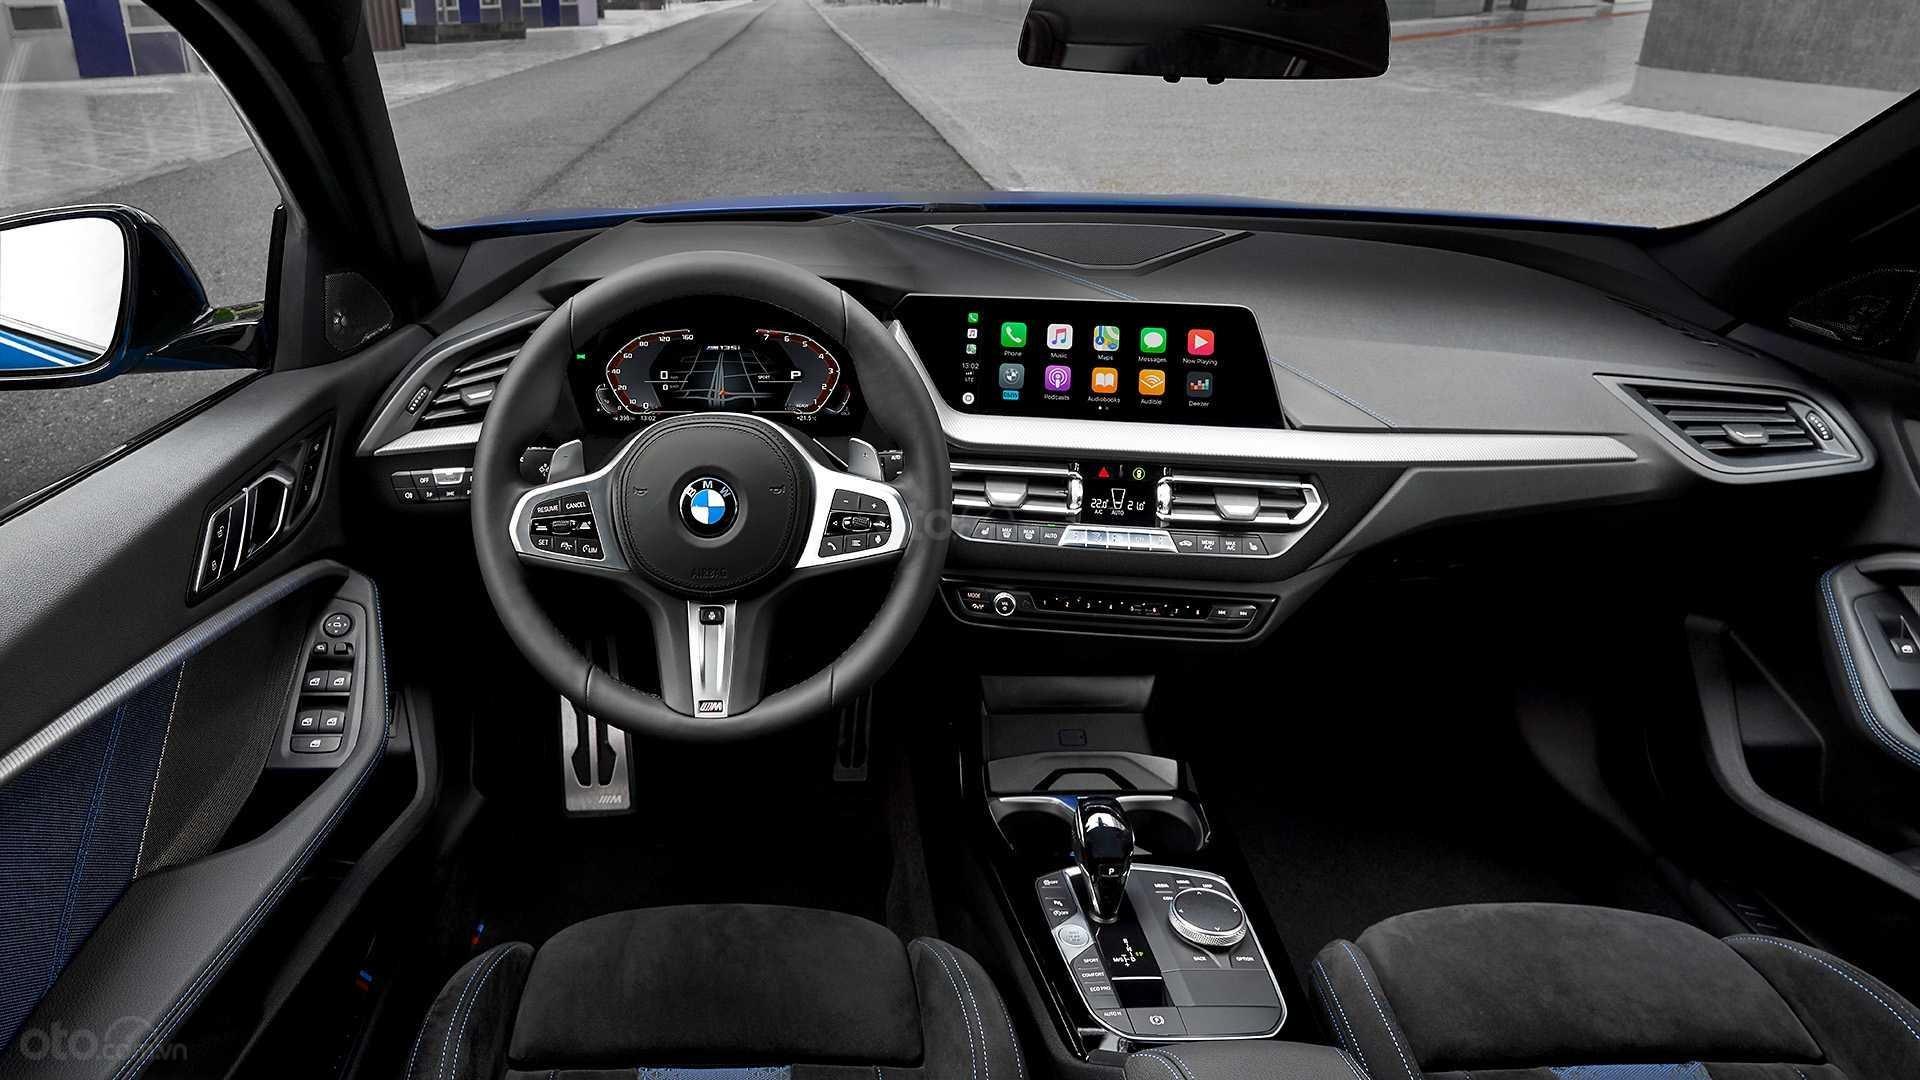 Bảng táp-lô BMW 1-Series 2020